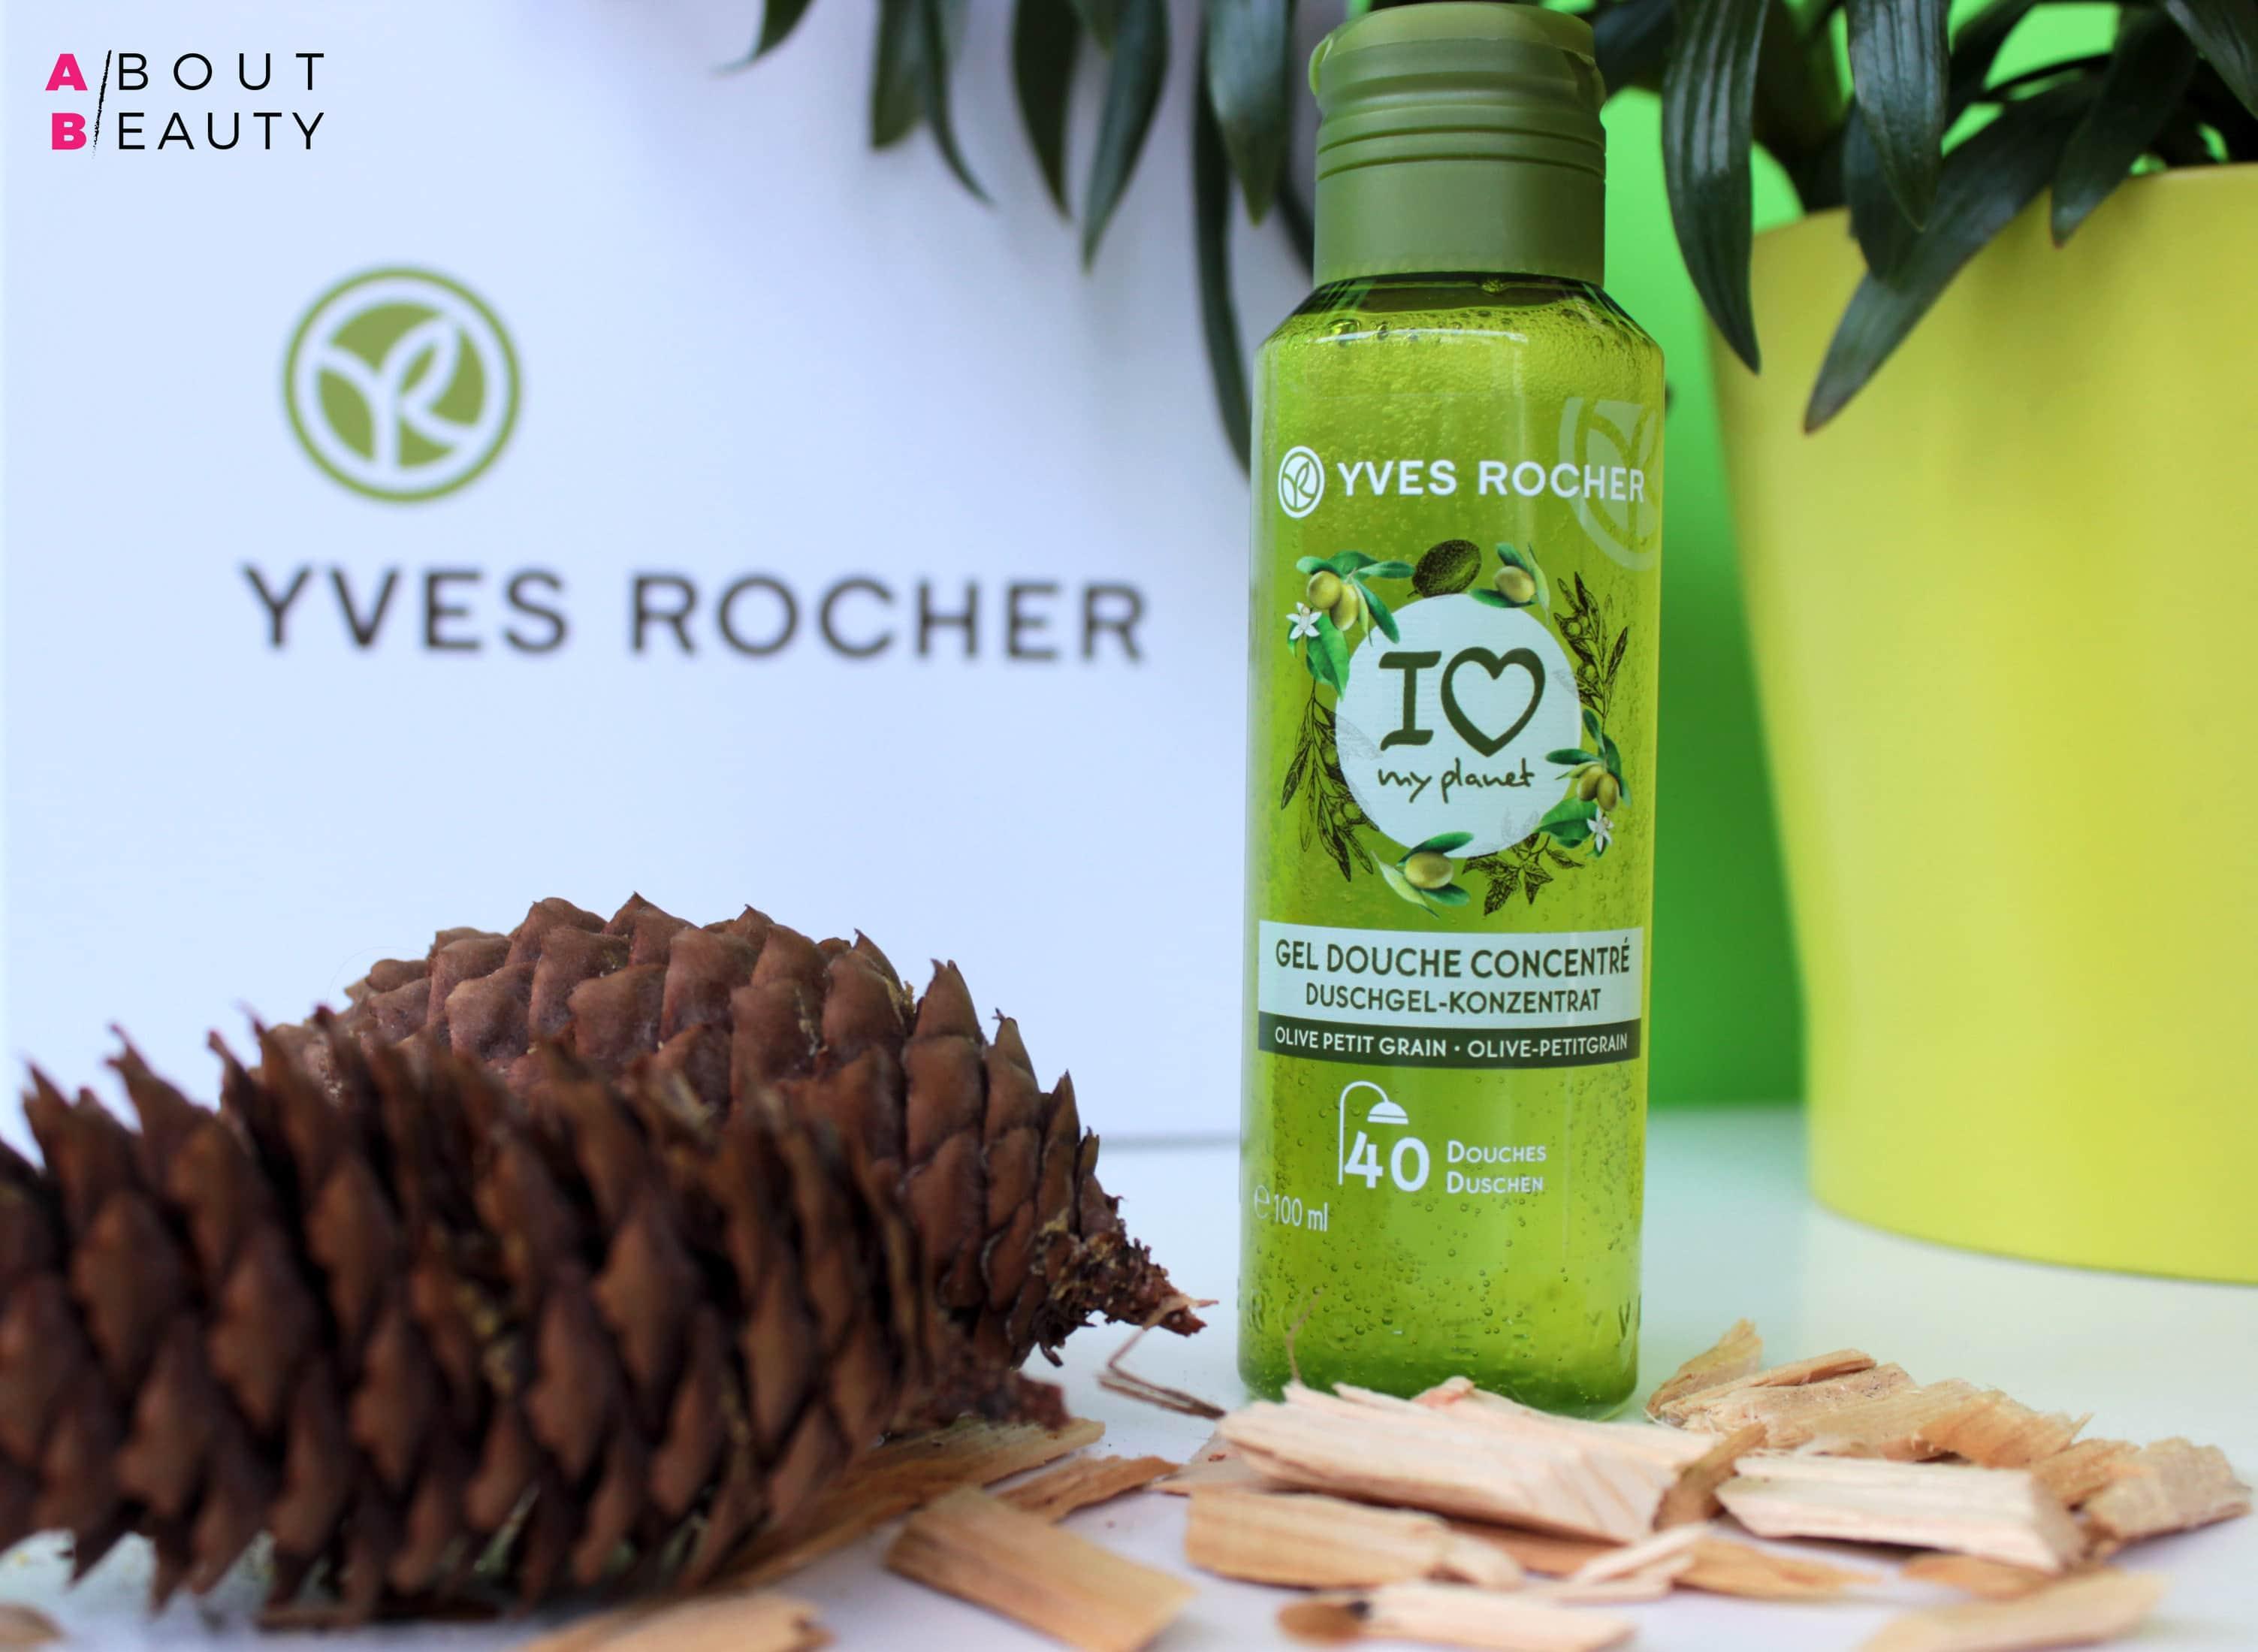 Yves Rocher presenta il nuovo Gel Doccia Concentrato - Versione Rilassante all'Olio Essenziale di Petit Grain